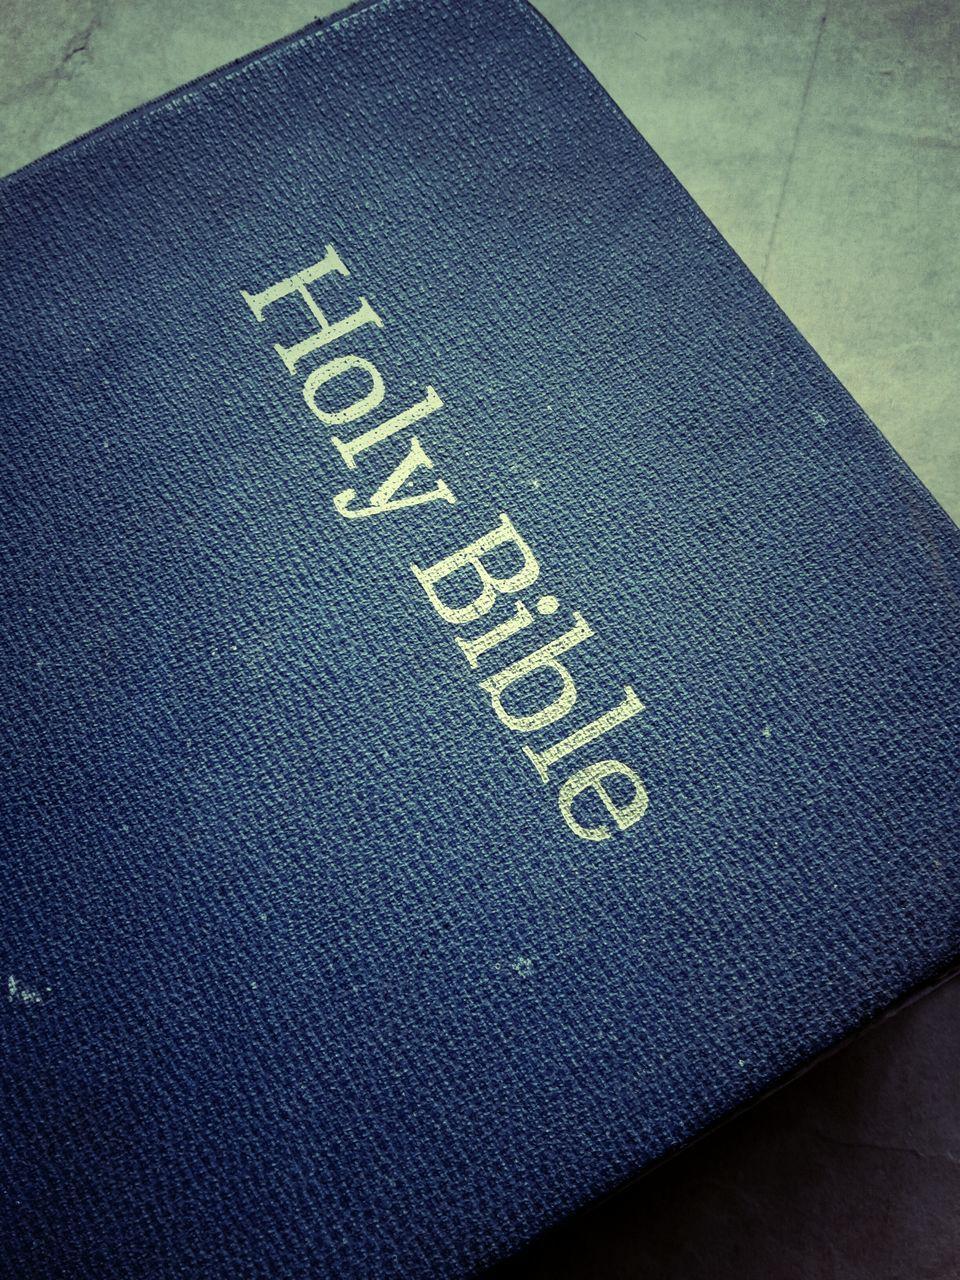 Close-Up Of A Bible